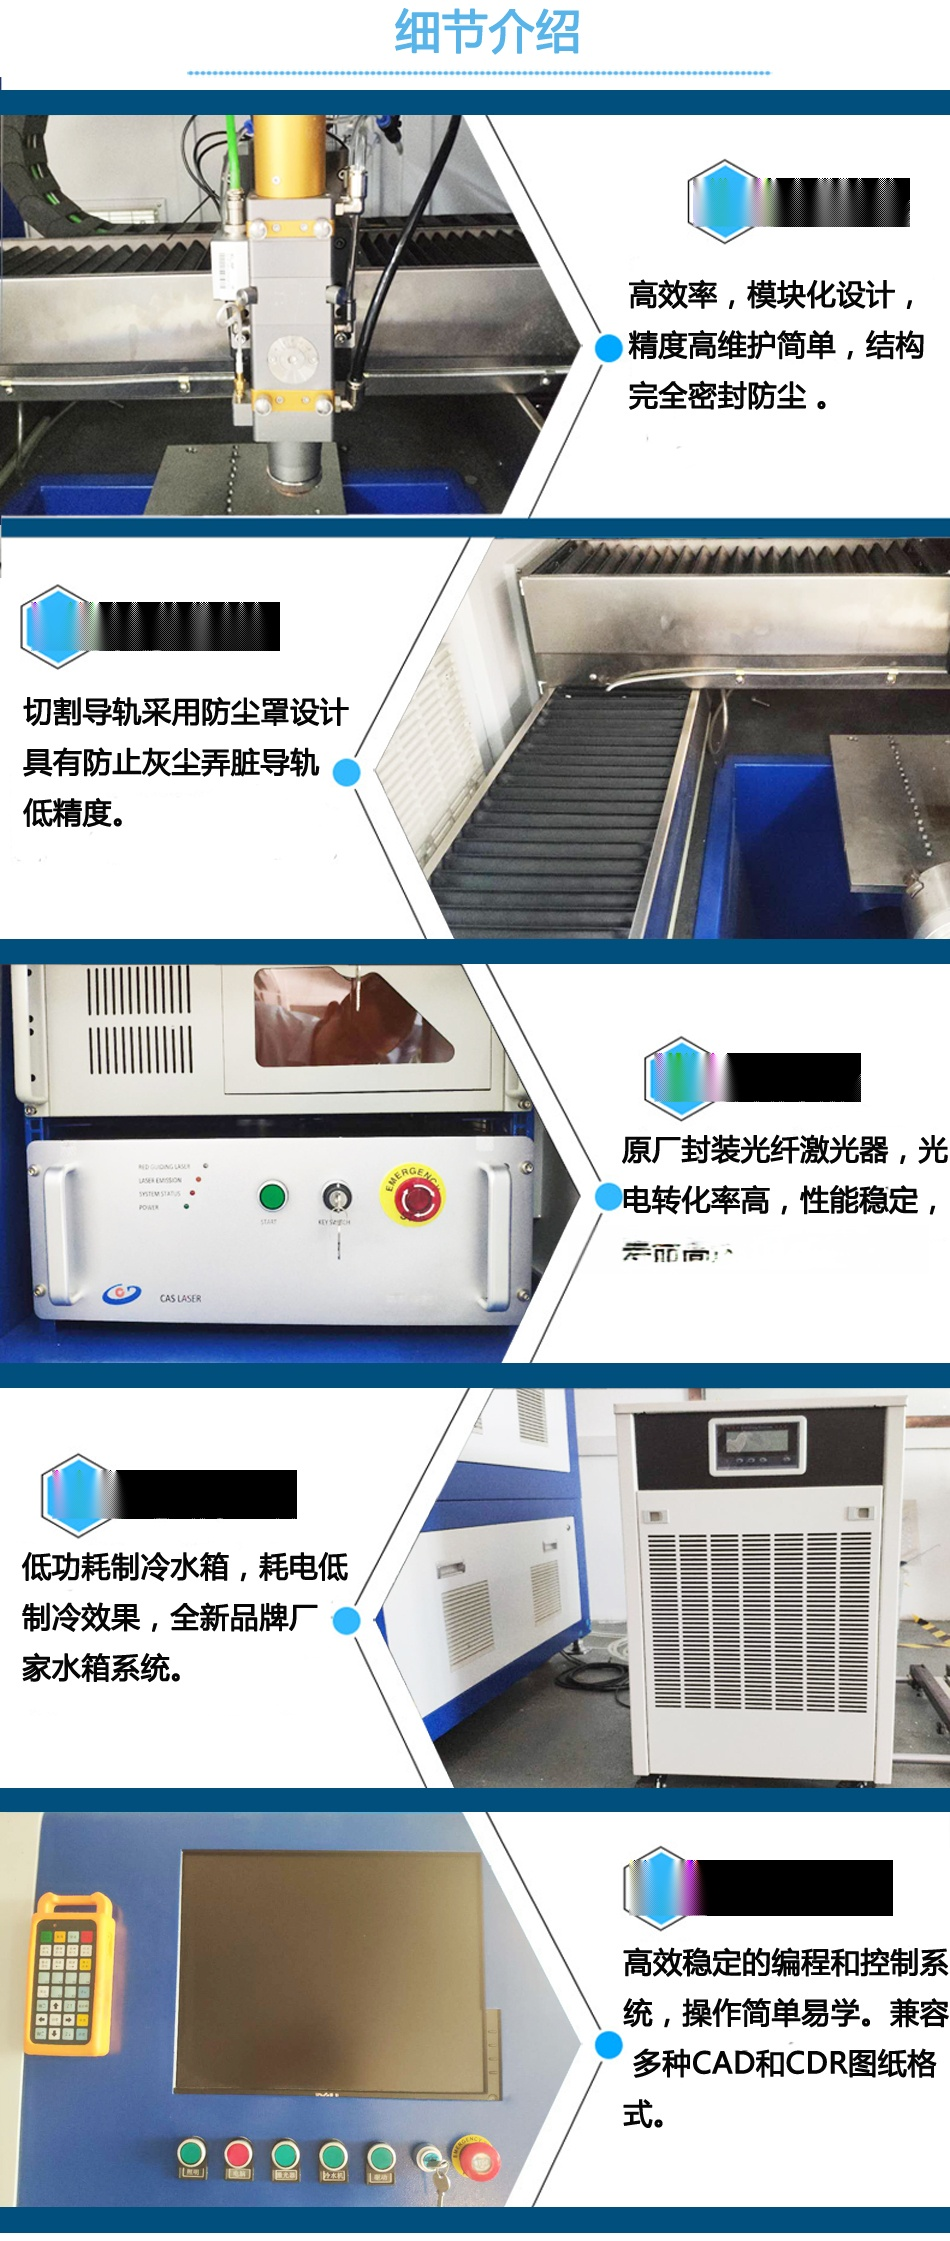 激光切割机详情页_13.jpg